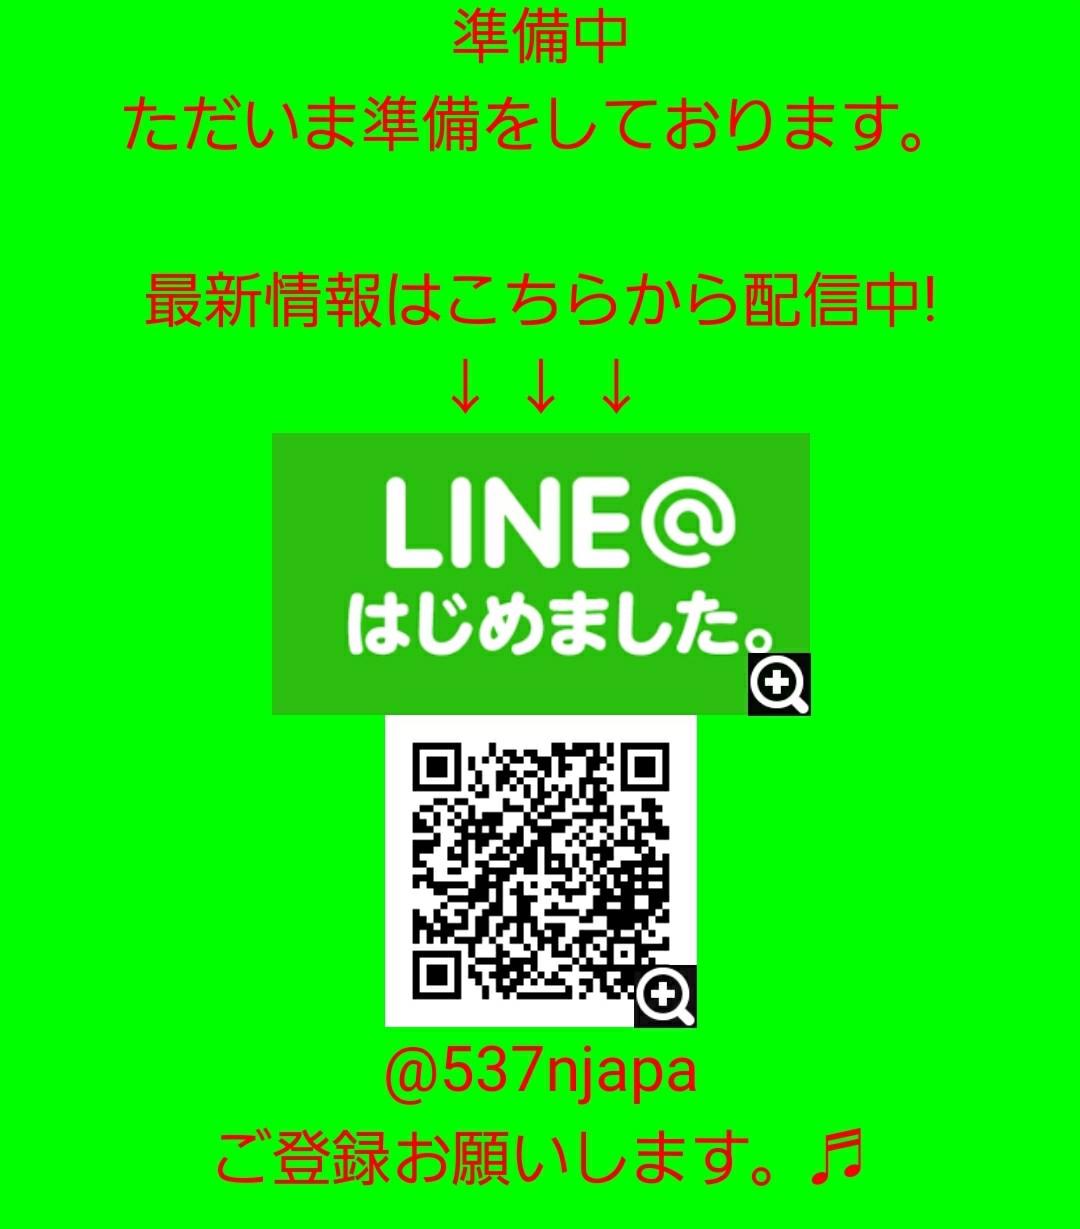 f:id:atsugiebina:20200709162109j:image